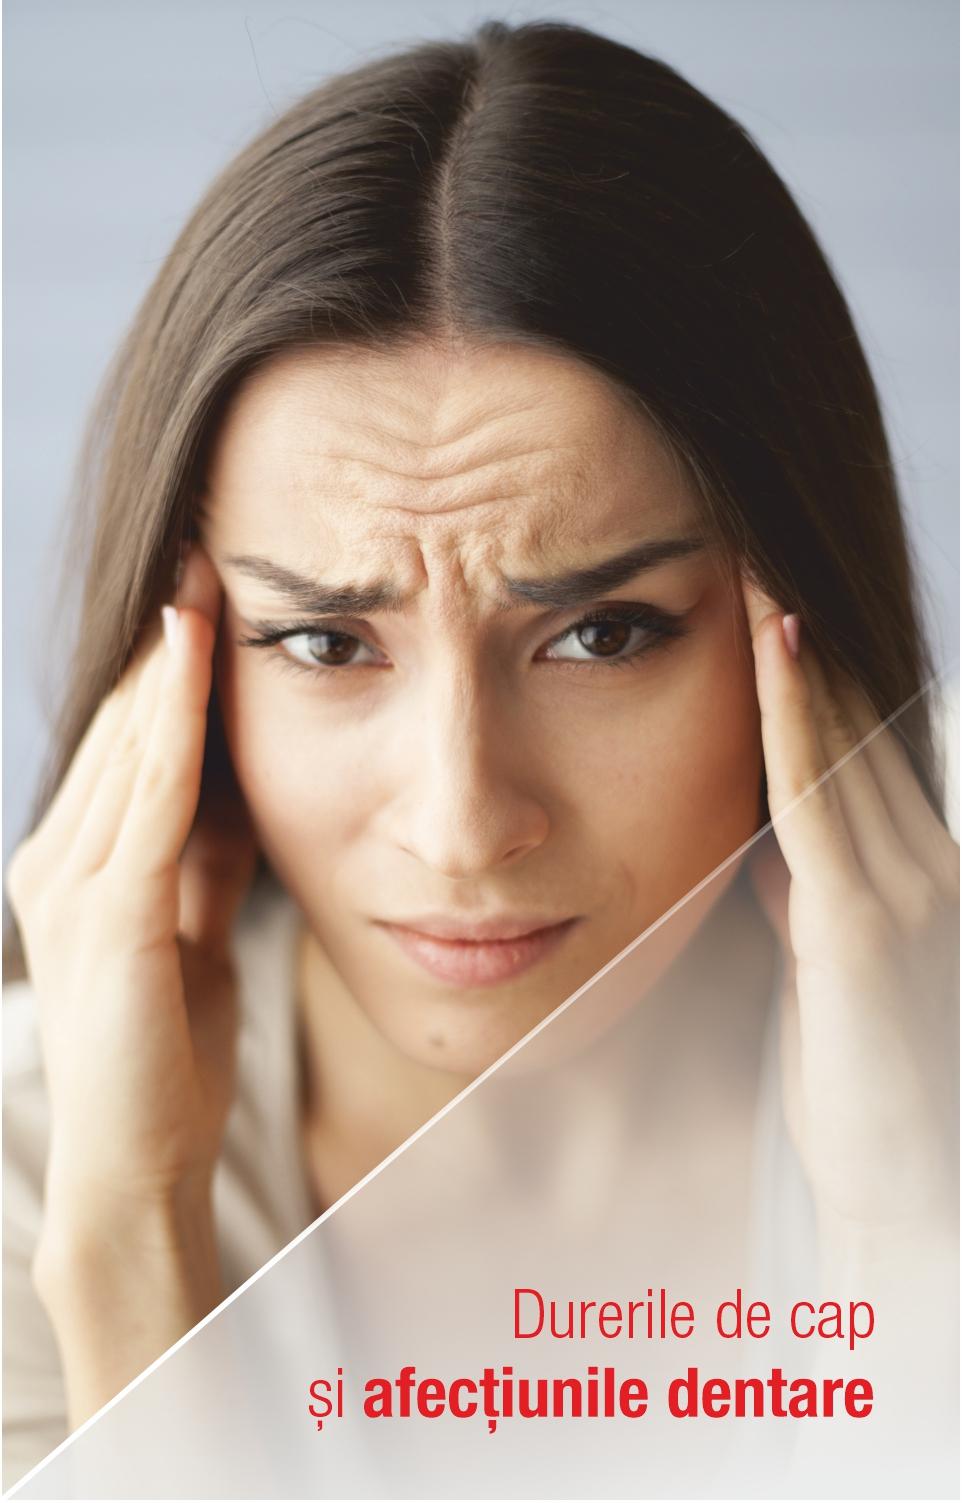 Care este legătura dintre durerile de cap și afecțiunile dentare?